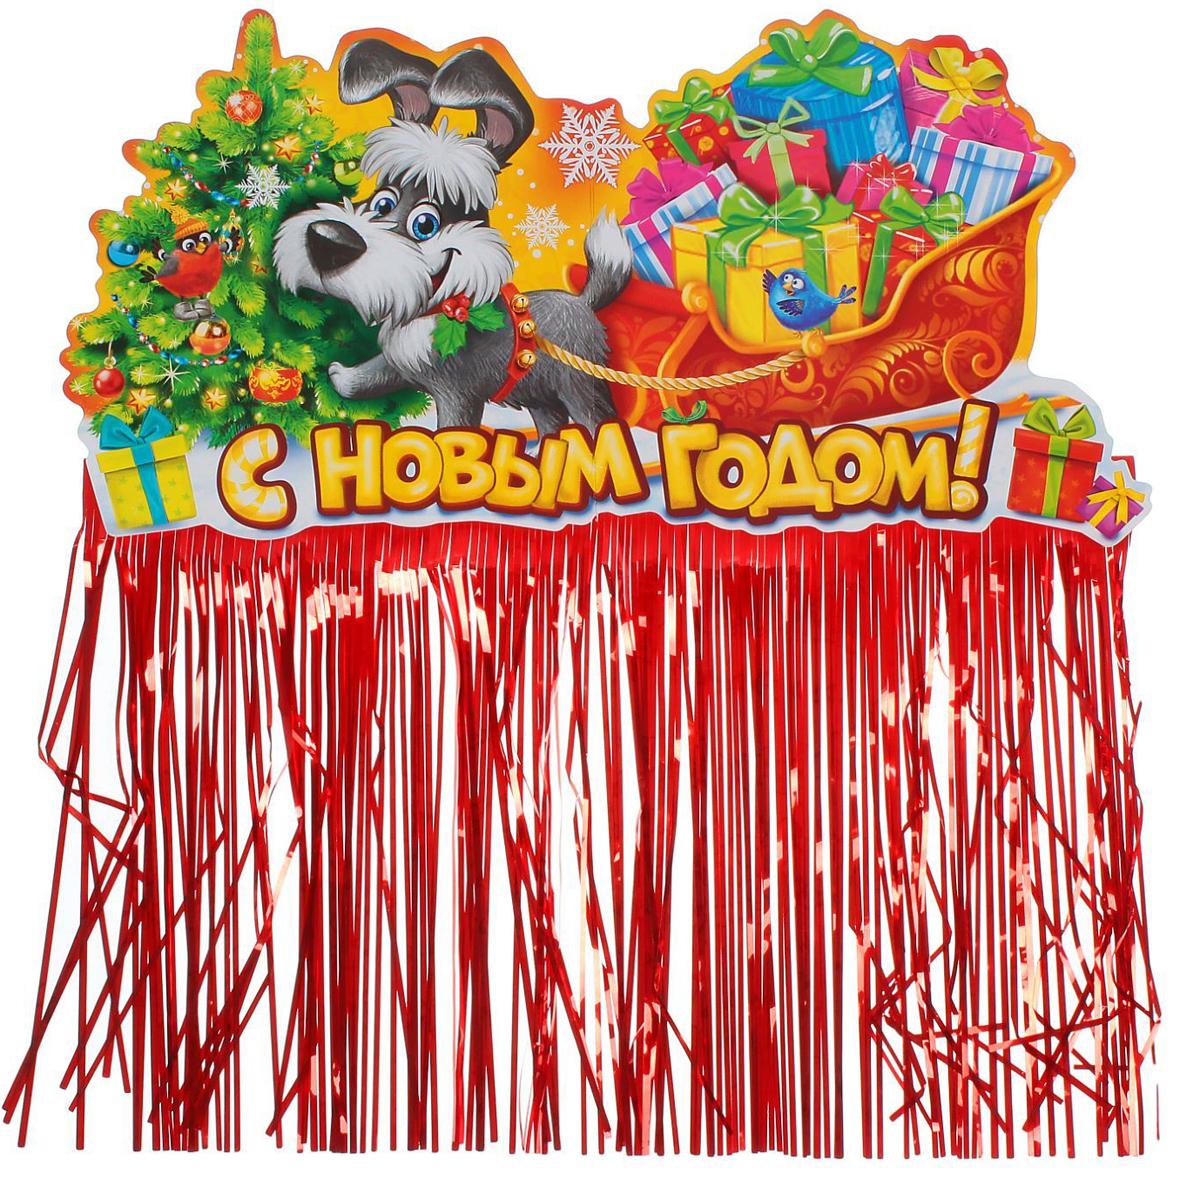 Гирлянда NoName С Новым годом! Сани, с блестящим дождиком, 47,6 х 24,5 см2199849Оформление — важная часть любого торжества, особенно Нового года. Яркие украшения для интерьера создадут особую атмосферу в вашем доме и подарят радость. Красочная гирлянда придется по душе каждому. Подвесьте ее в комнате, и праздничное настроение не заставит себя ждать. Изделие выполнено из картона. Поставляется в пакете с яркой дизайнерской подложкой.